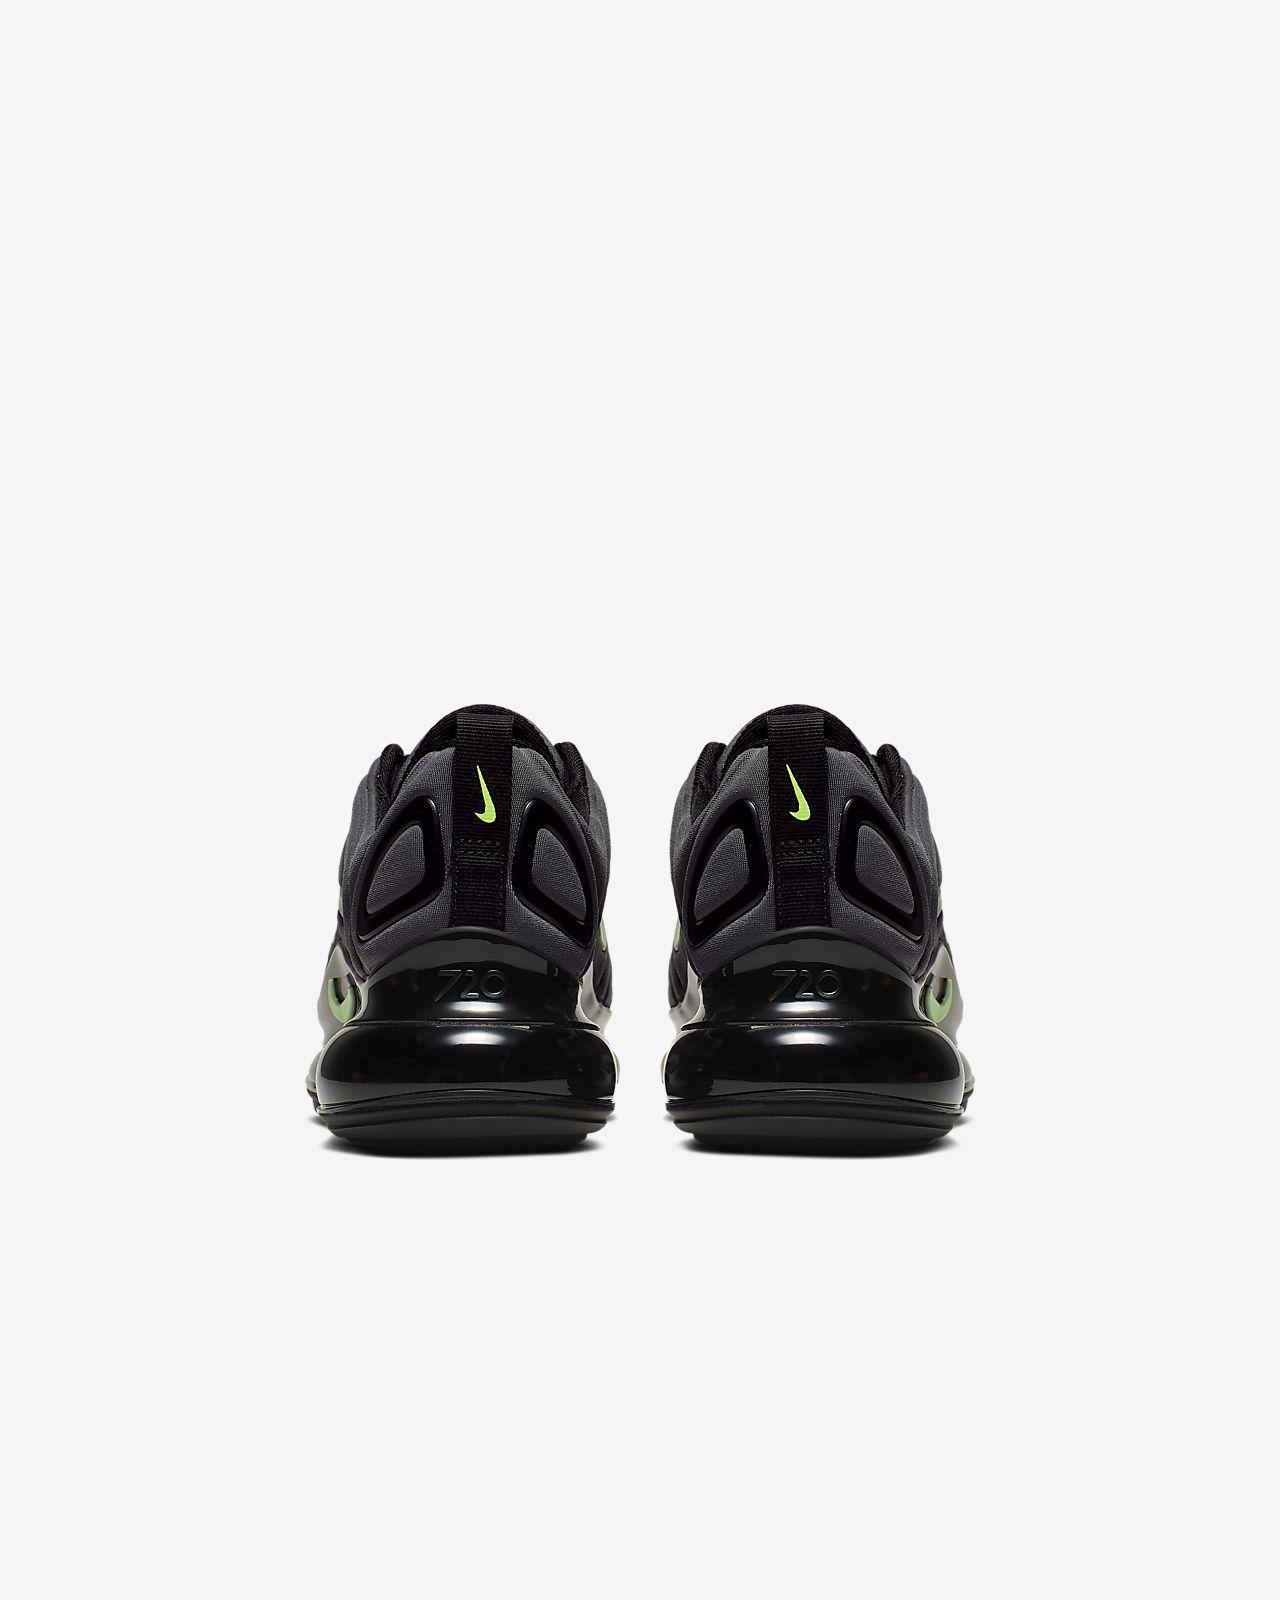 Nike Air Max 720 Chaussure Jeune pour plus âgé enfantEnfant